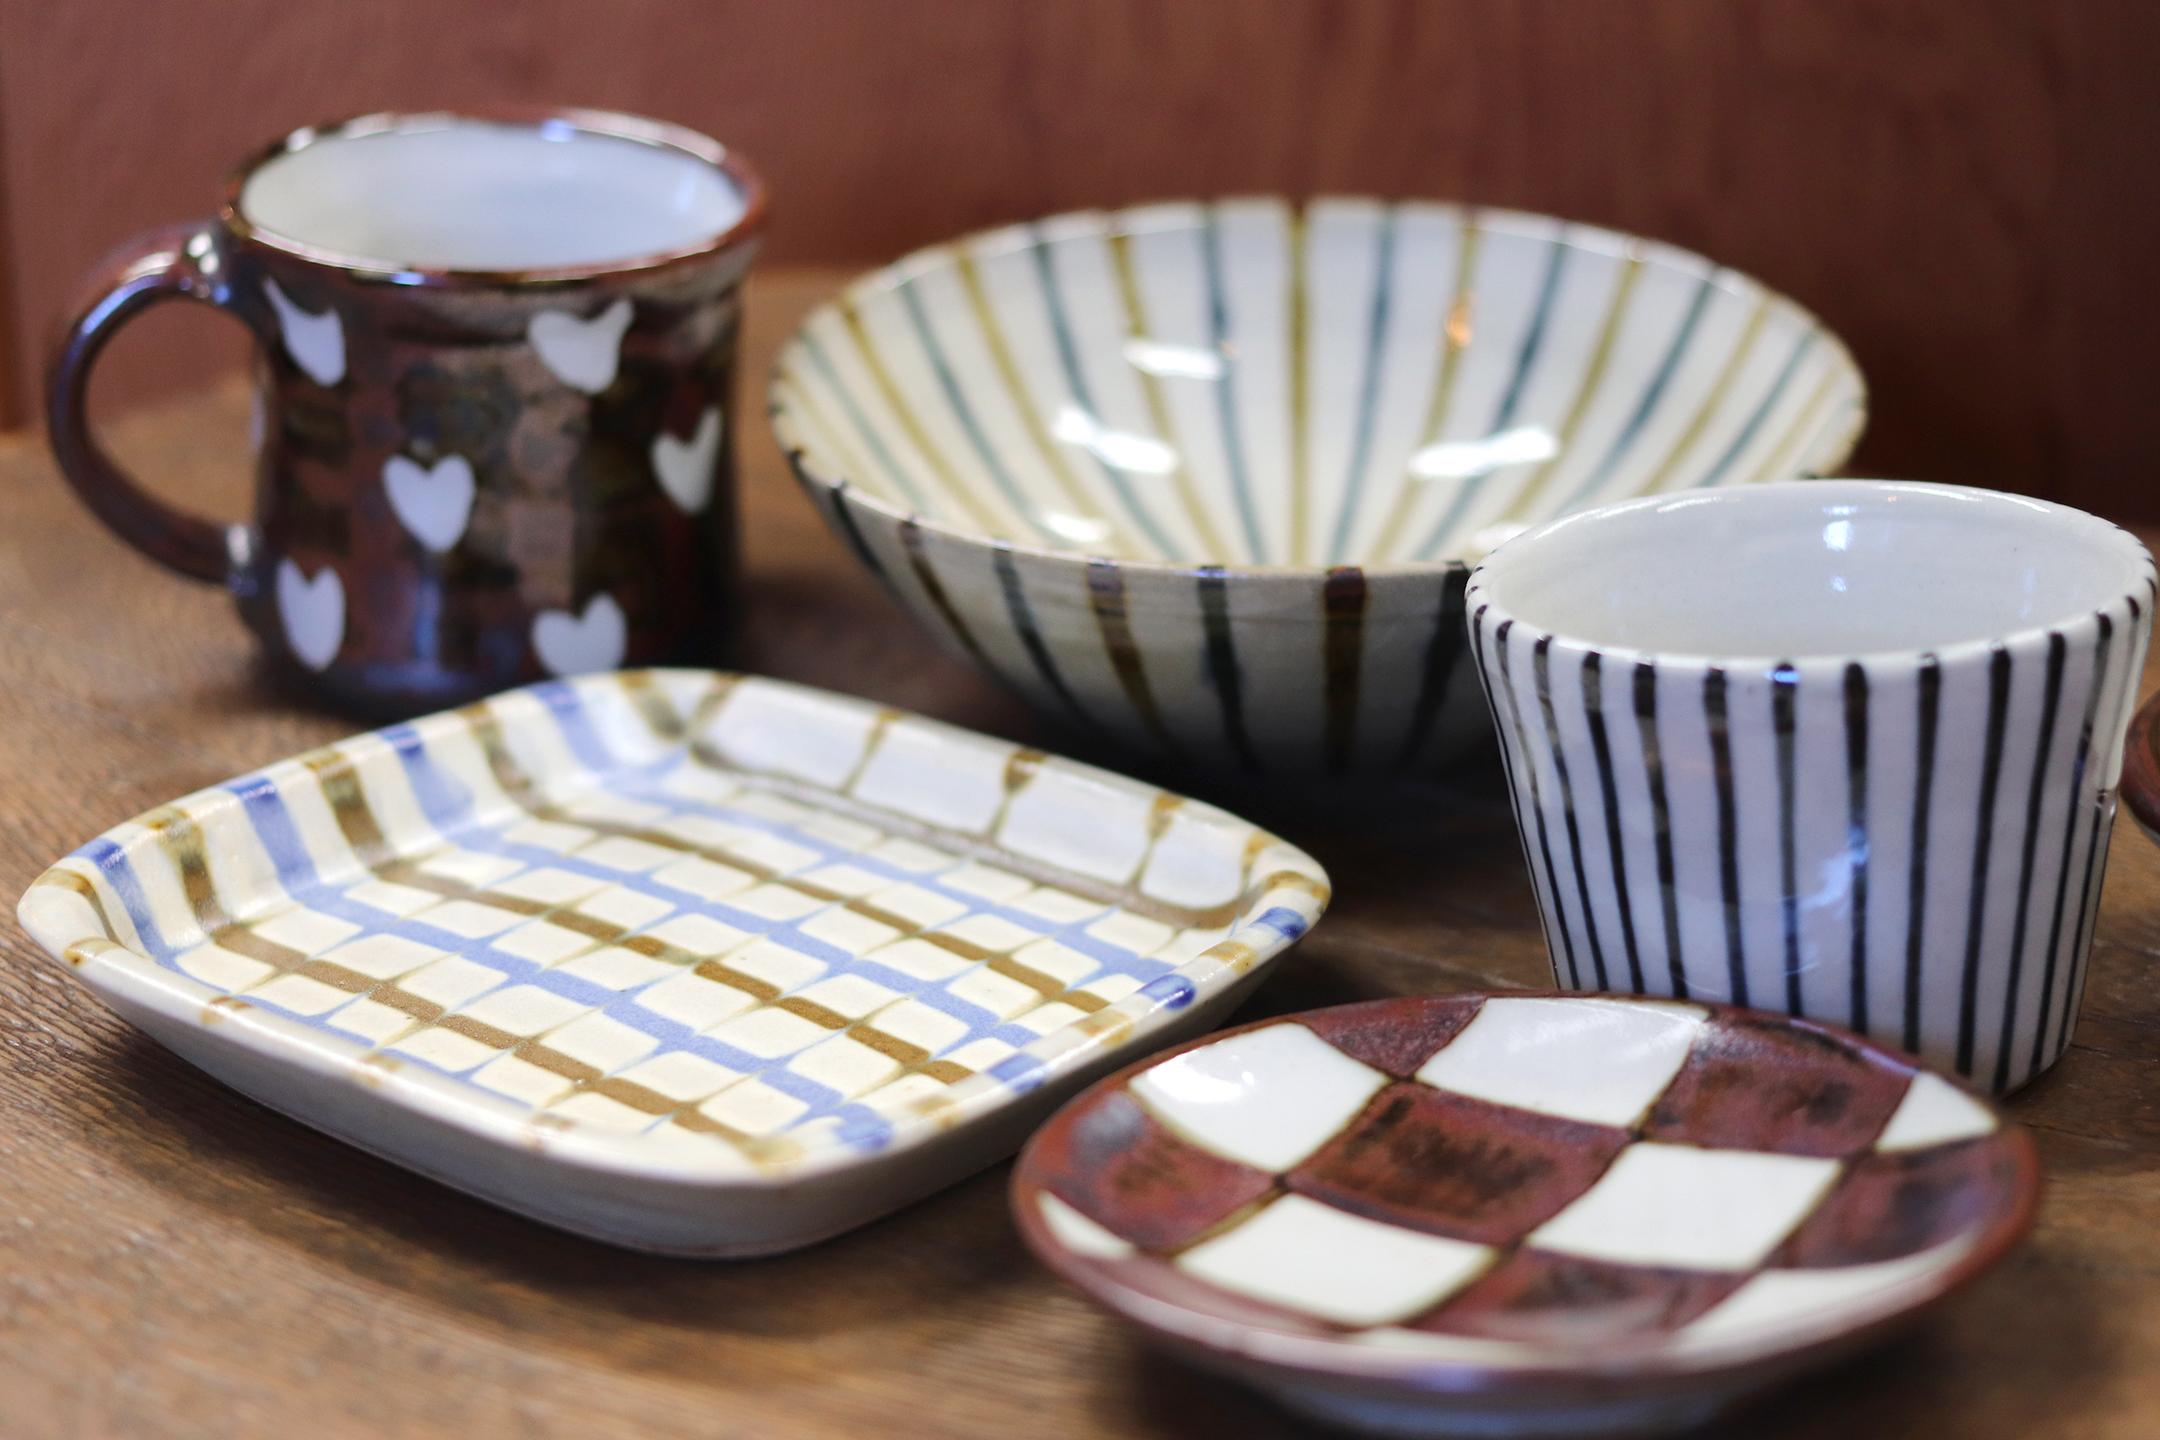 和食にも洋食にも合うデザインが魅力の平皿(左手前)2,400円+税、蕎麦猪口1,200円+税など